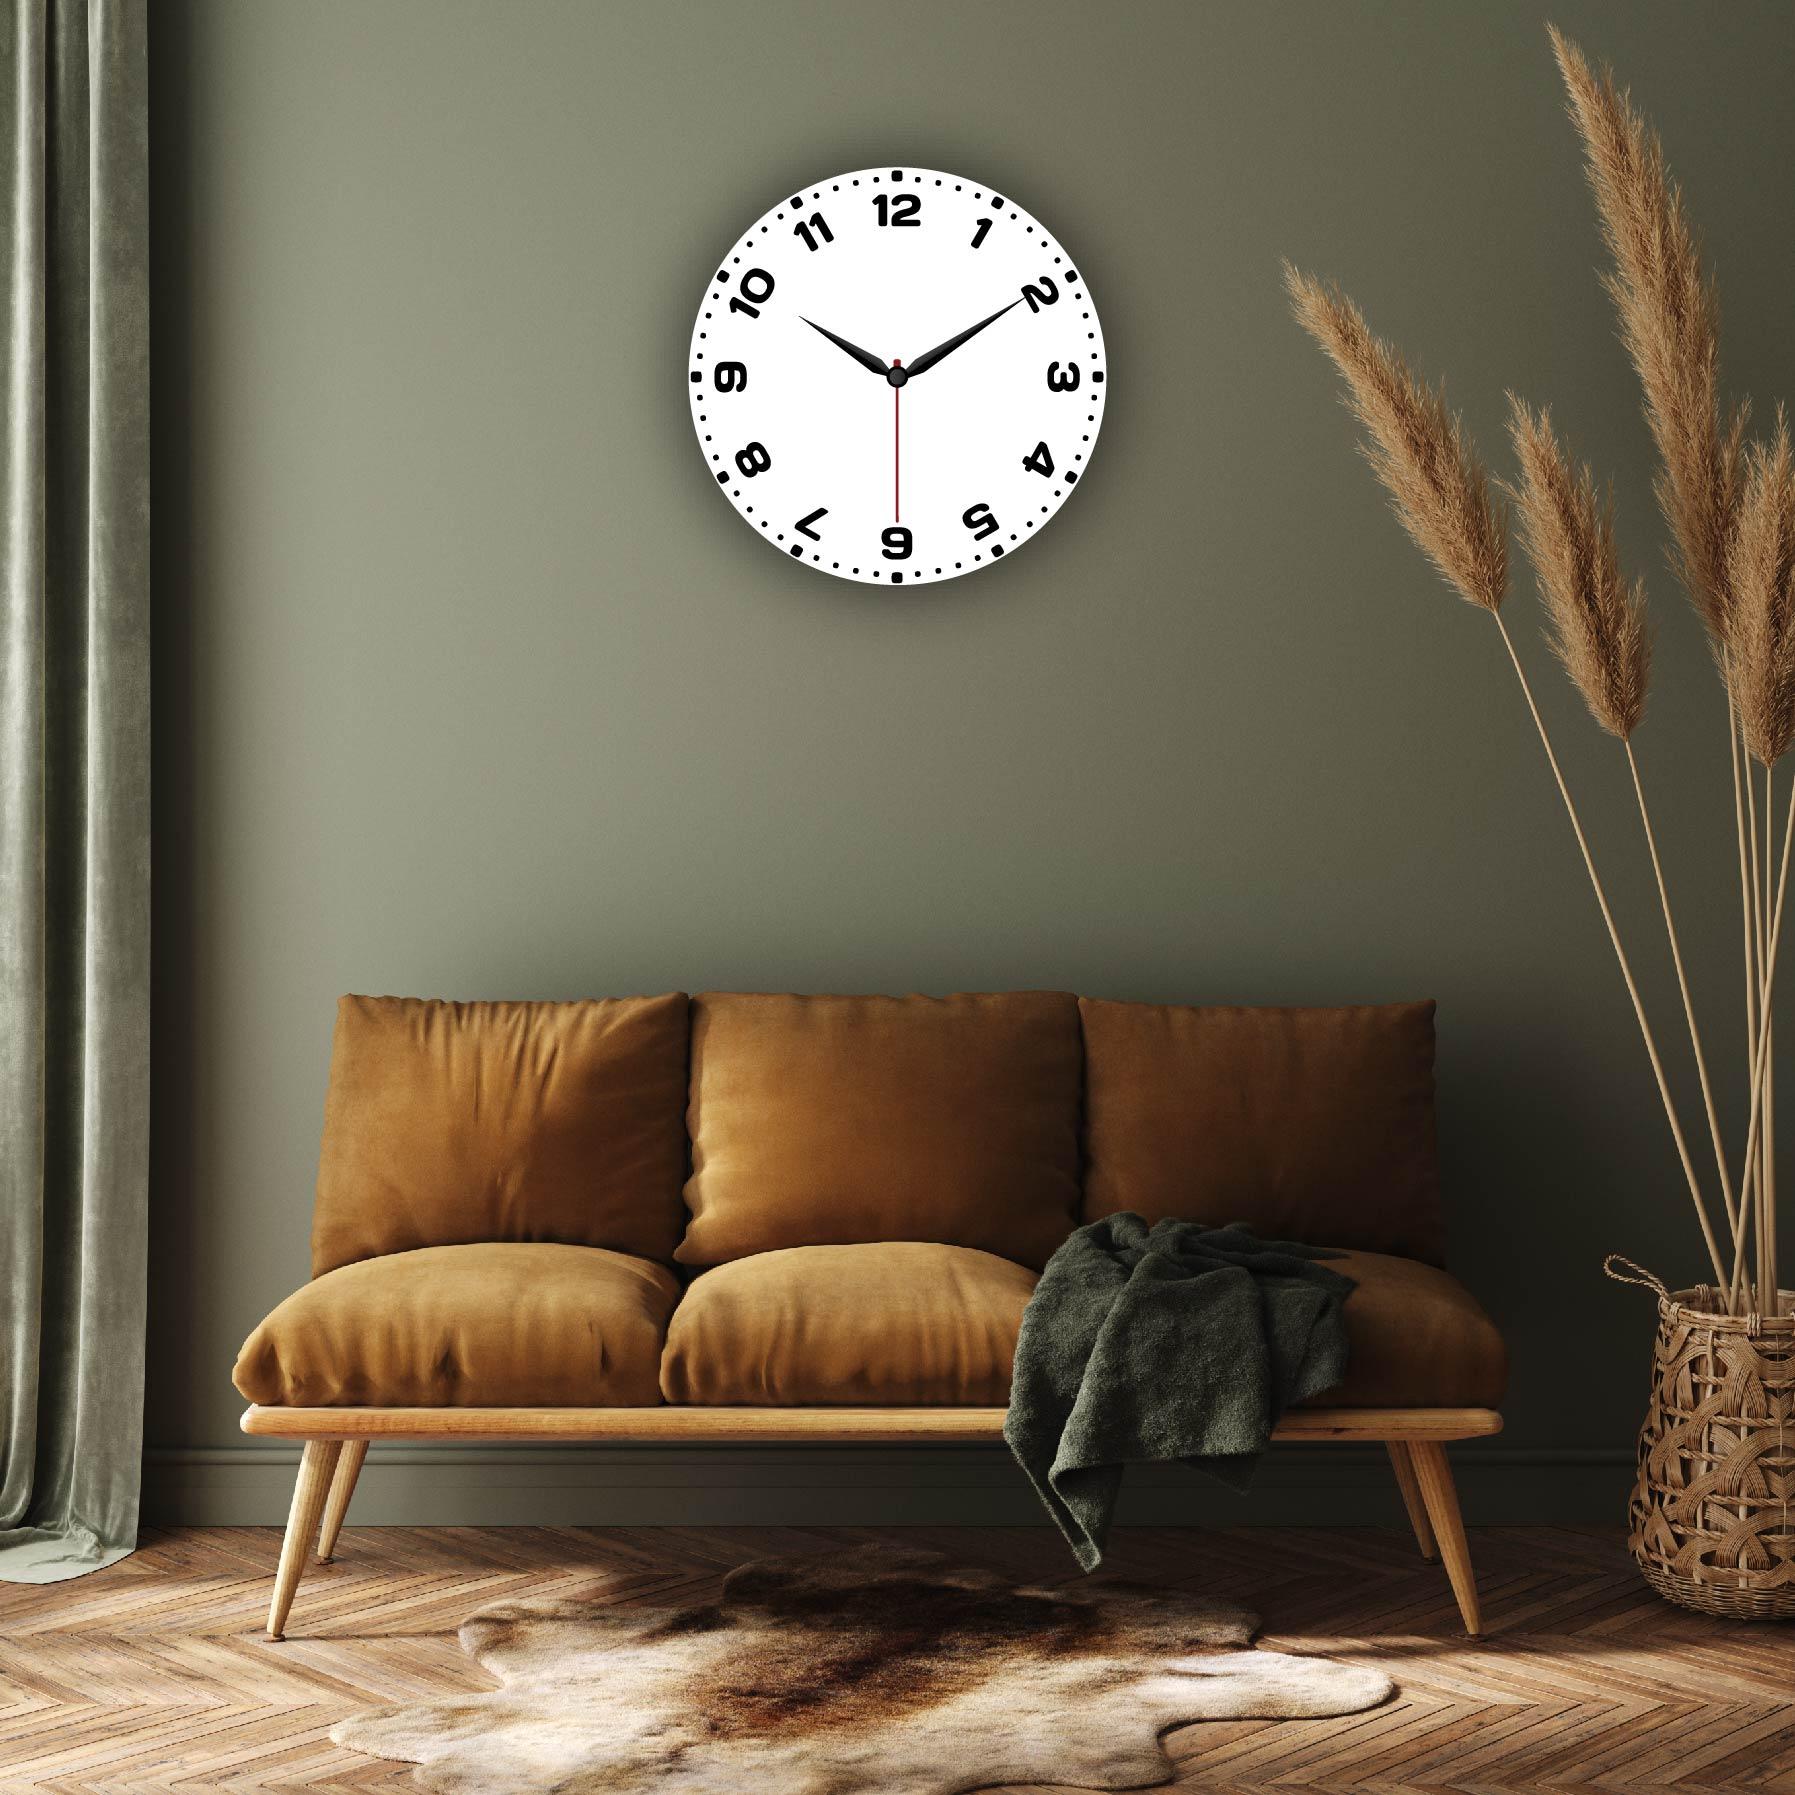 Dijital Baskılı Dekoratif Mdf Duvar Saati Model-106